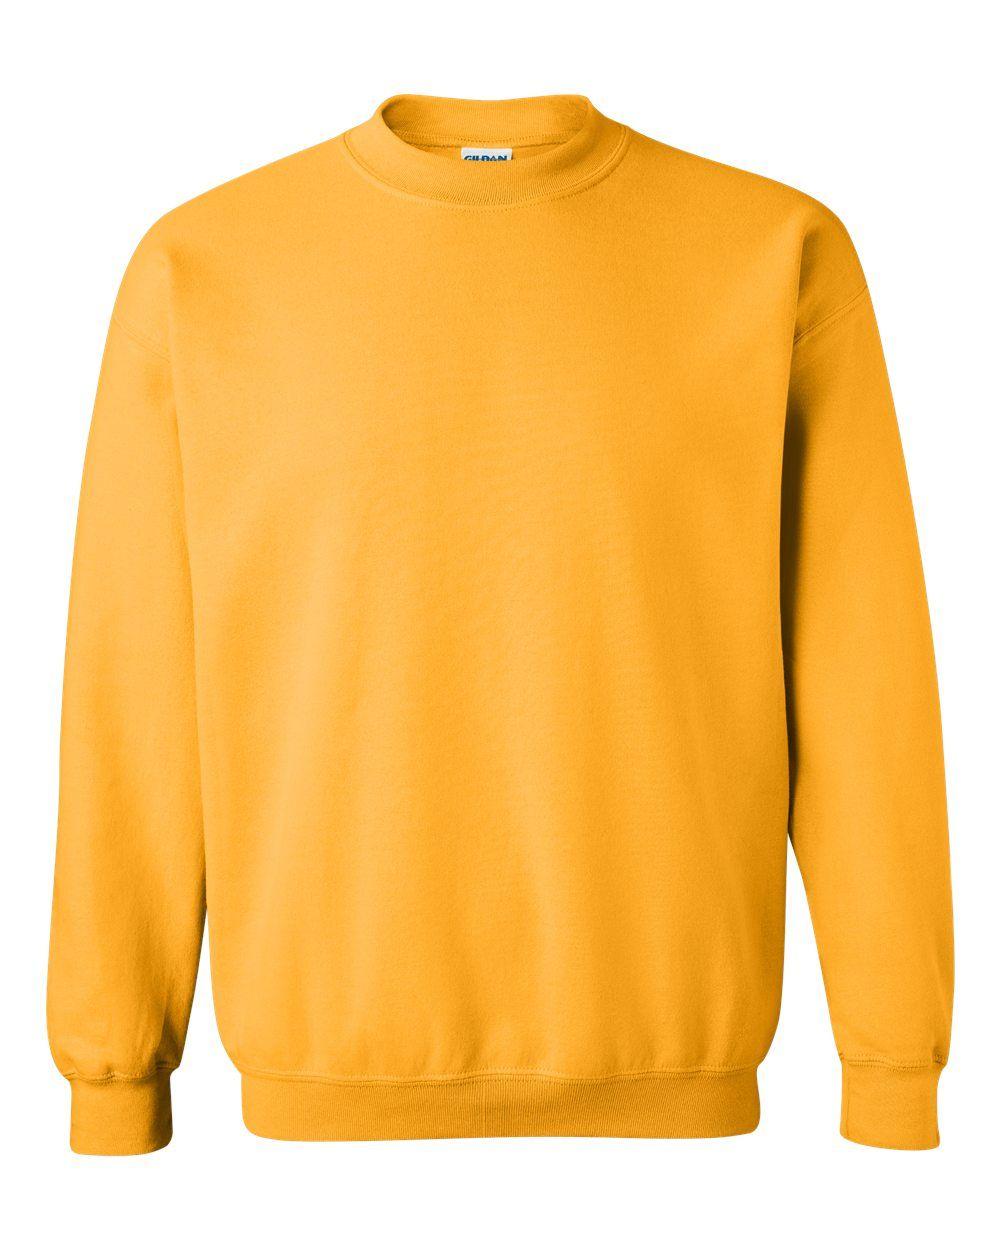 Gildan Heavy Blend Crewneck Sweatshirt 18000 In 2021 Unique Sweatshirt Crew Neck Sweatshirt Sweatshirts [ 1250 x 1000 Pixel ]